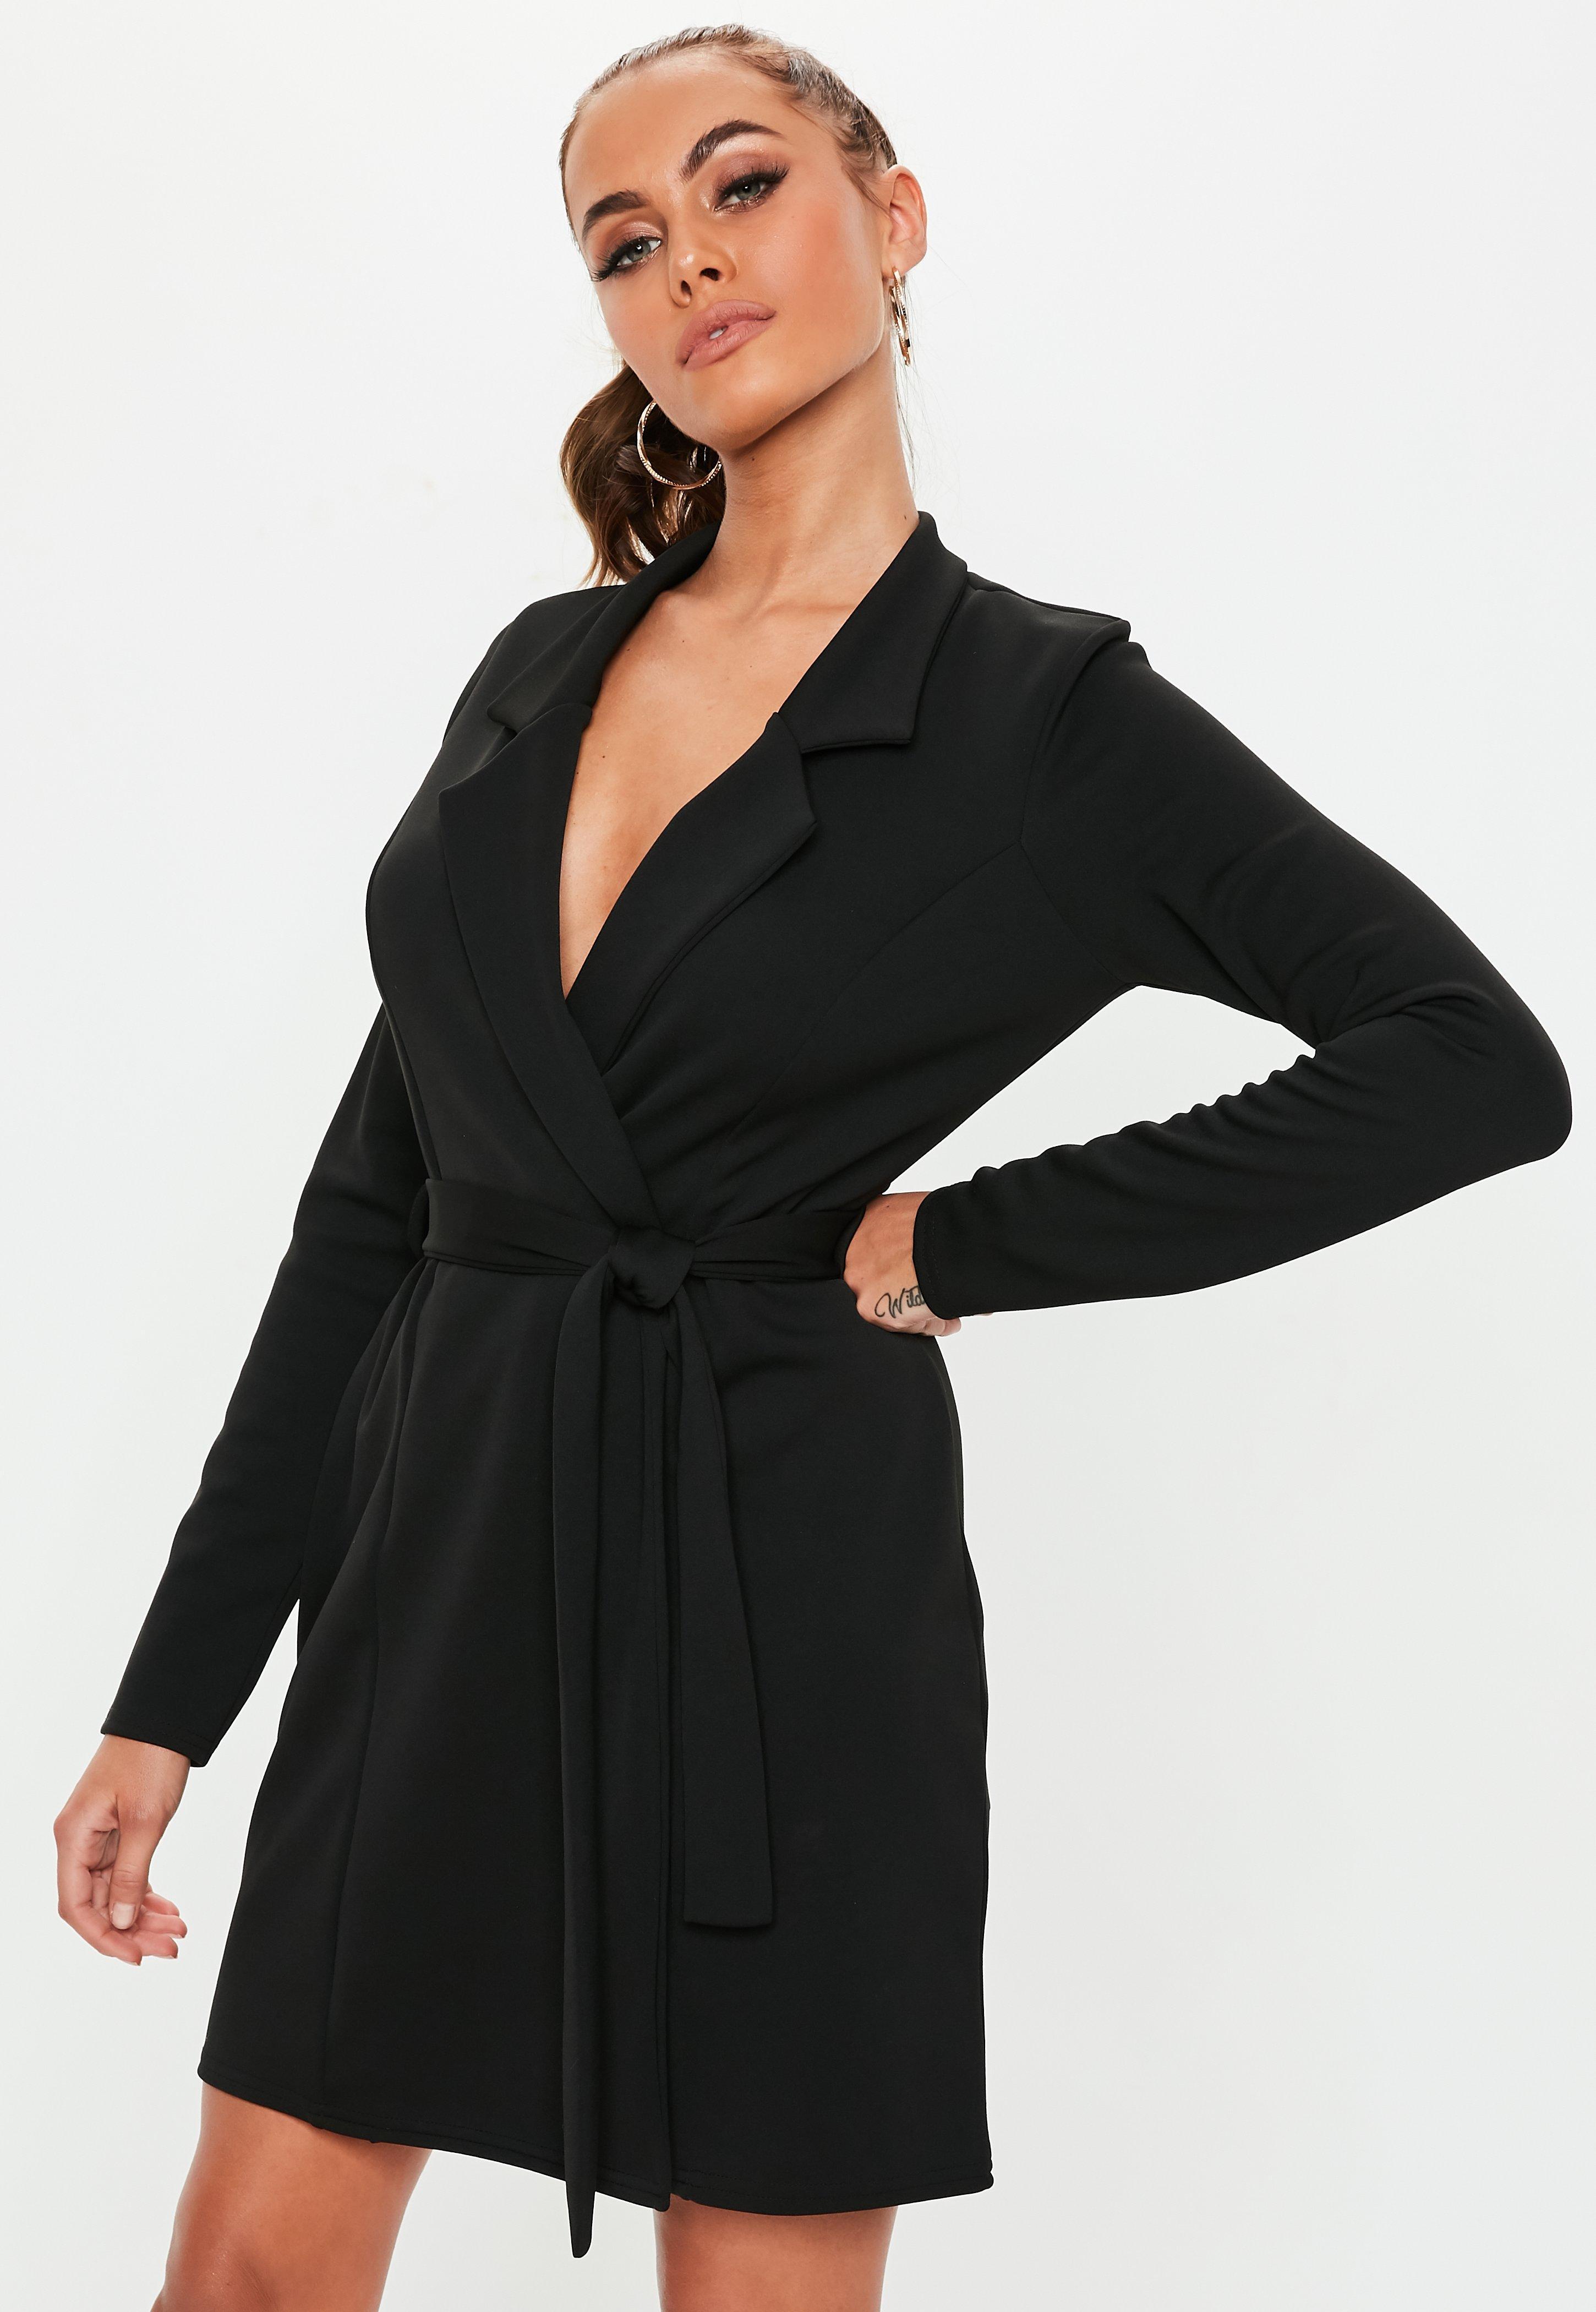 Robes   Robe chic femme en ligne 2019 - Missguided 91ec2210e56